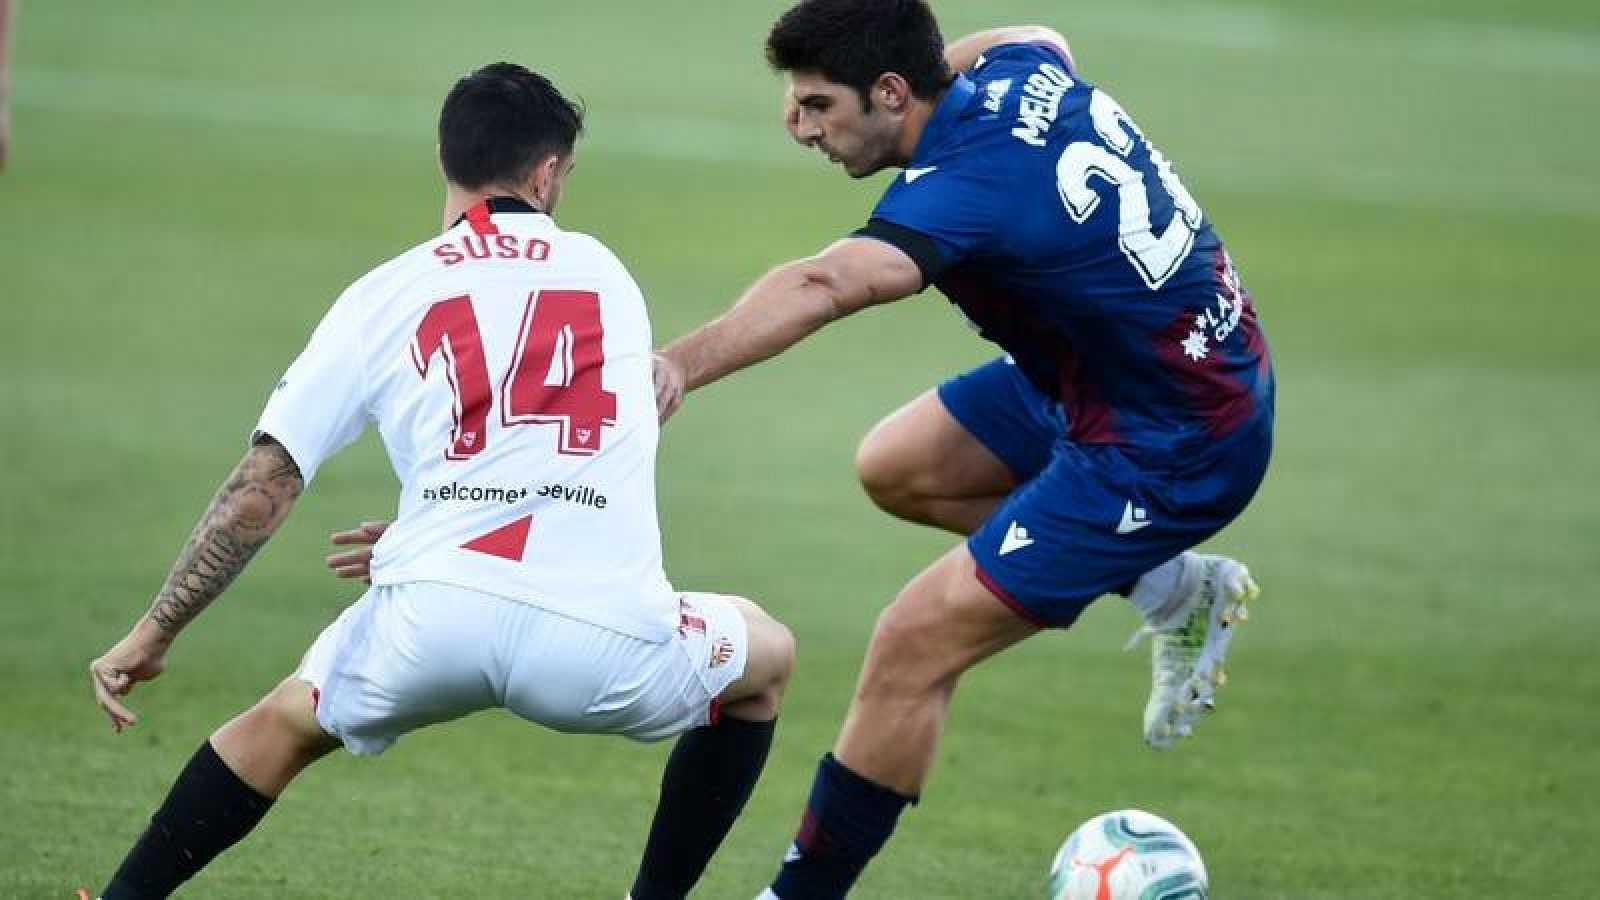 Los jugdores del Sevilla y Levante Suso y Melero durante el partido disputado en La Nucía.